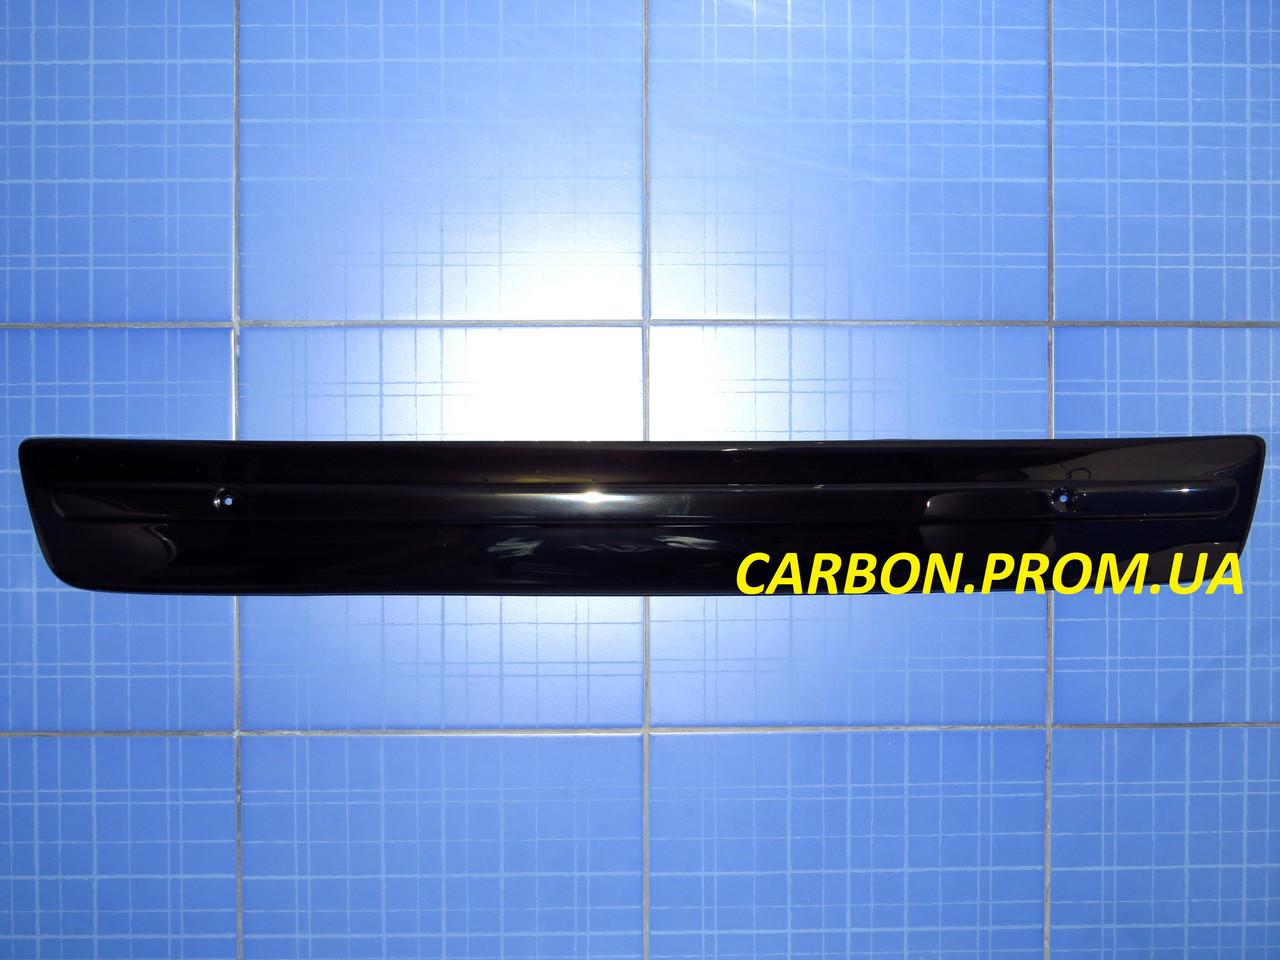 Заглушка решётки радиатора Фольксваген Т5+ низ 2010-2014 глянец Fly утеплитель Volkswagen